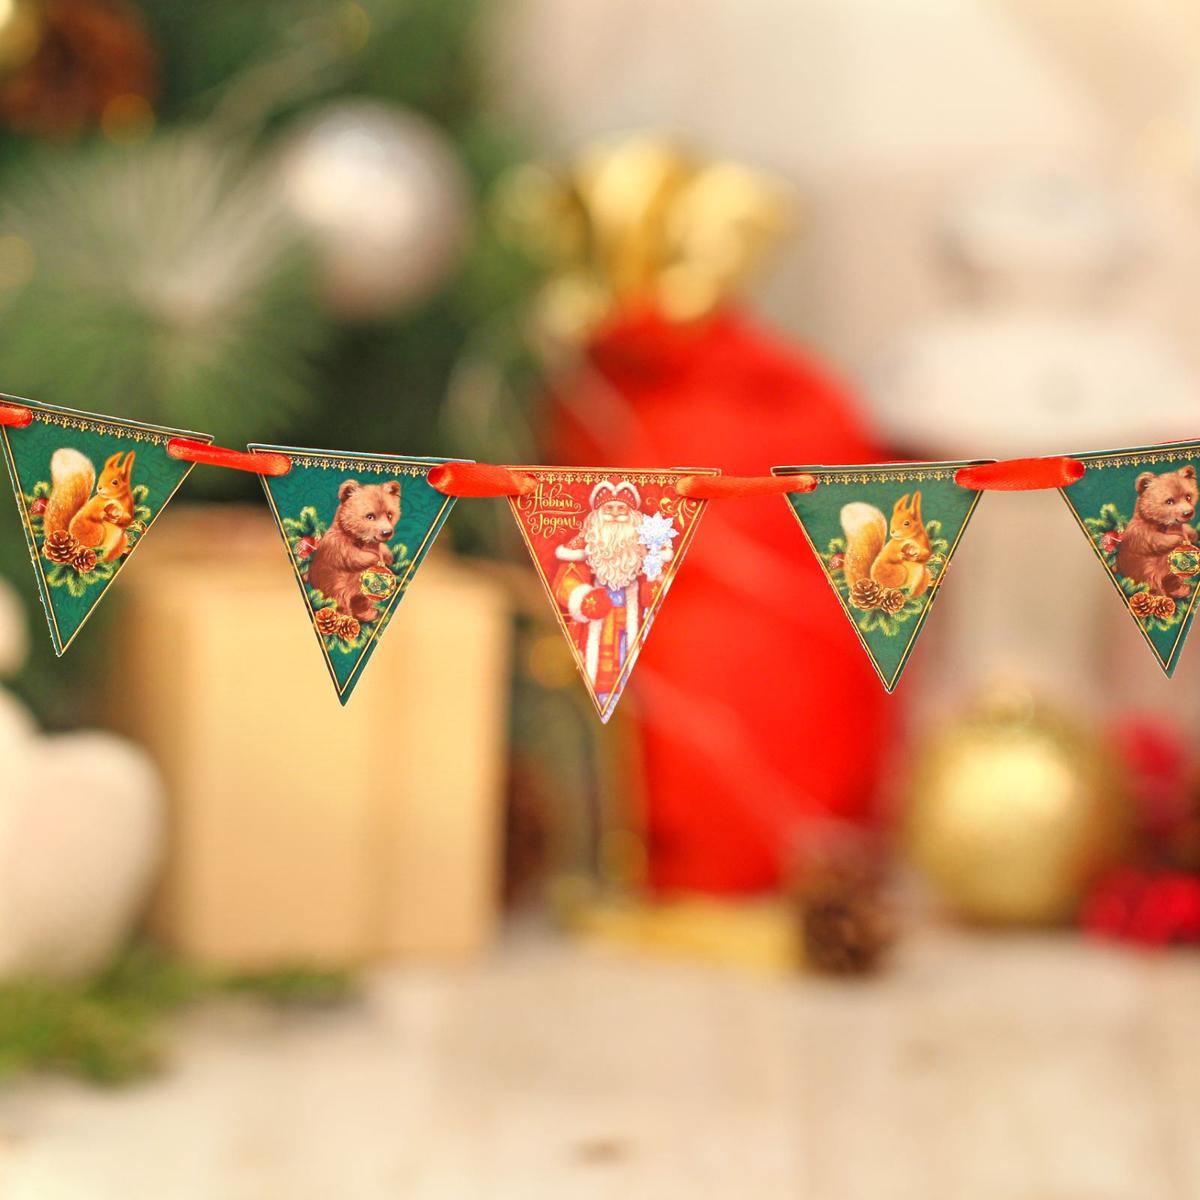 Гирлянда Медведь, 7,7 х 9 см2268896Оформление — важная часть любого торжества, особенно Нового года. Яркие украшения для интерьера создадут особую атмосферу в вашем доме и подарят радость. Гирлянда придется по душе каждому. Подвесьте ее в комнате, и праздничное настроение не заставит себя ждать.